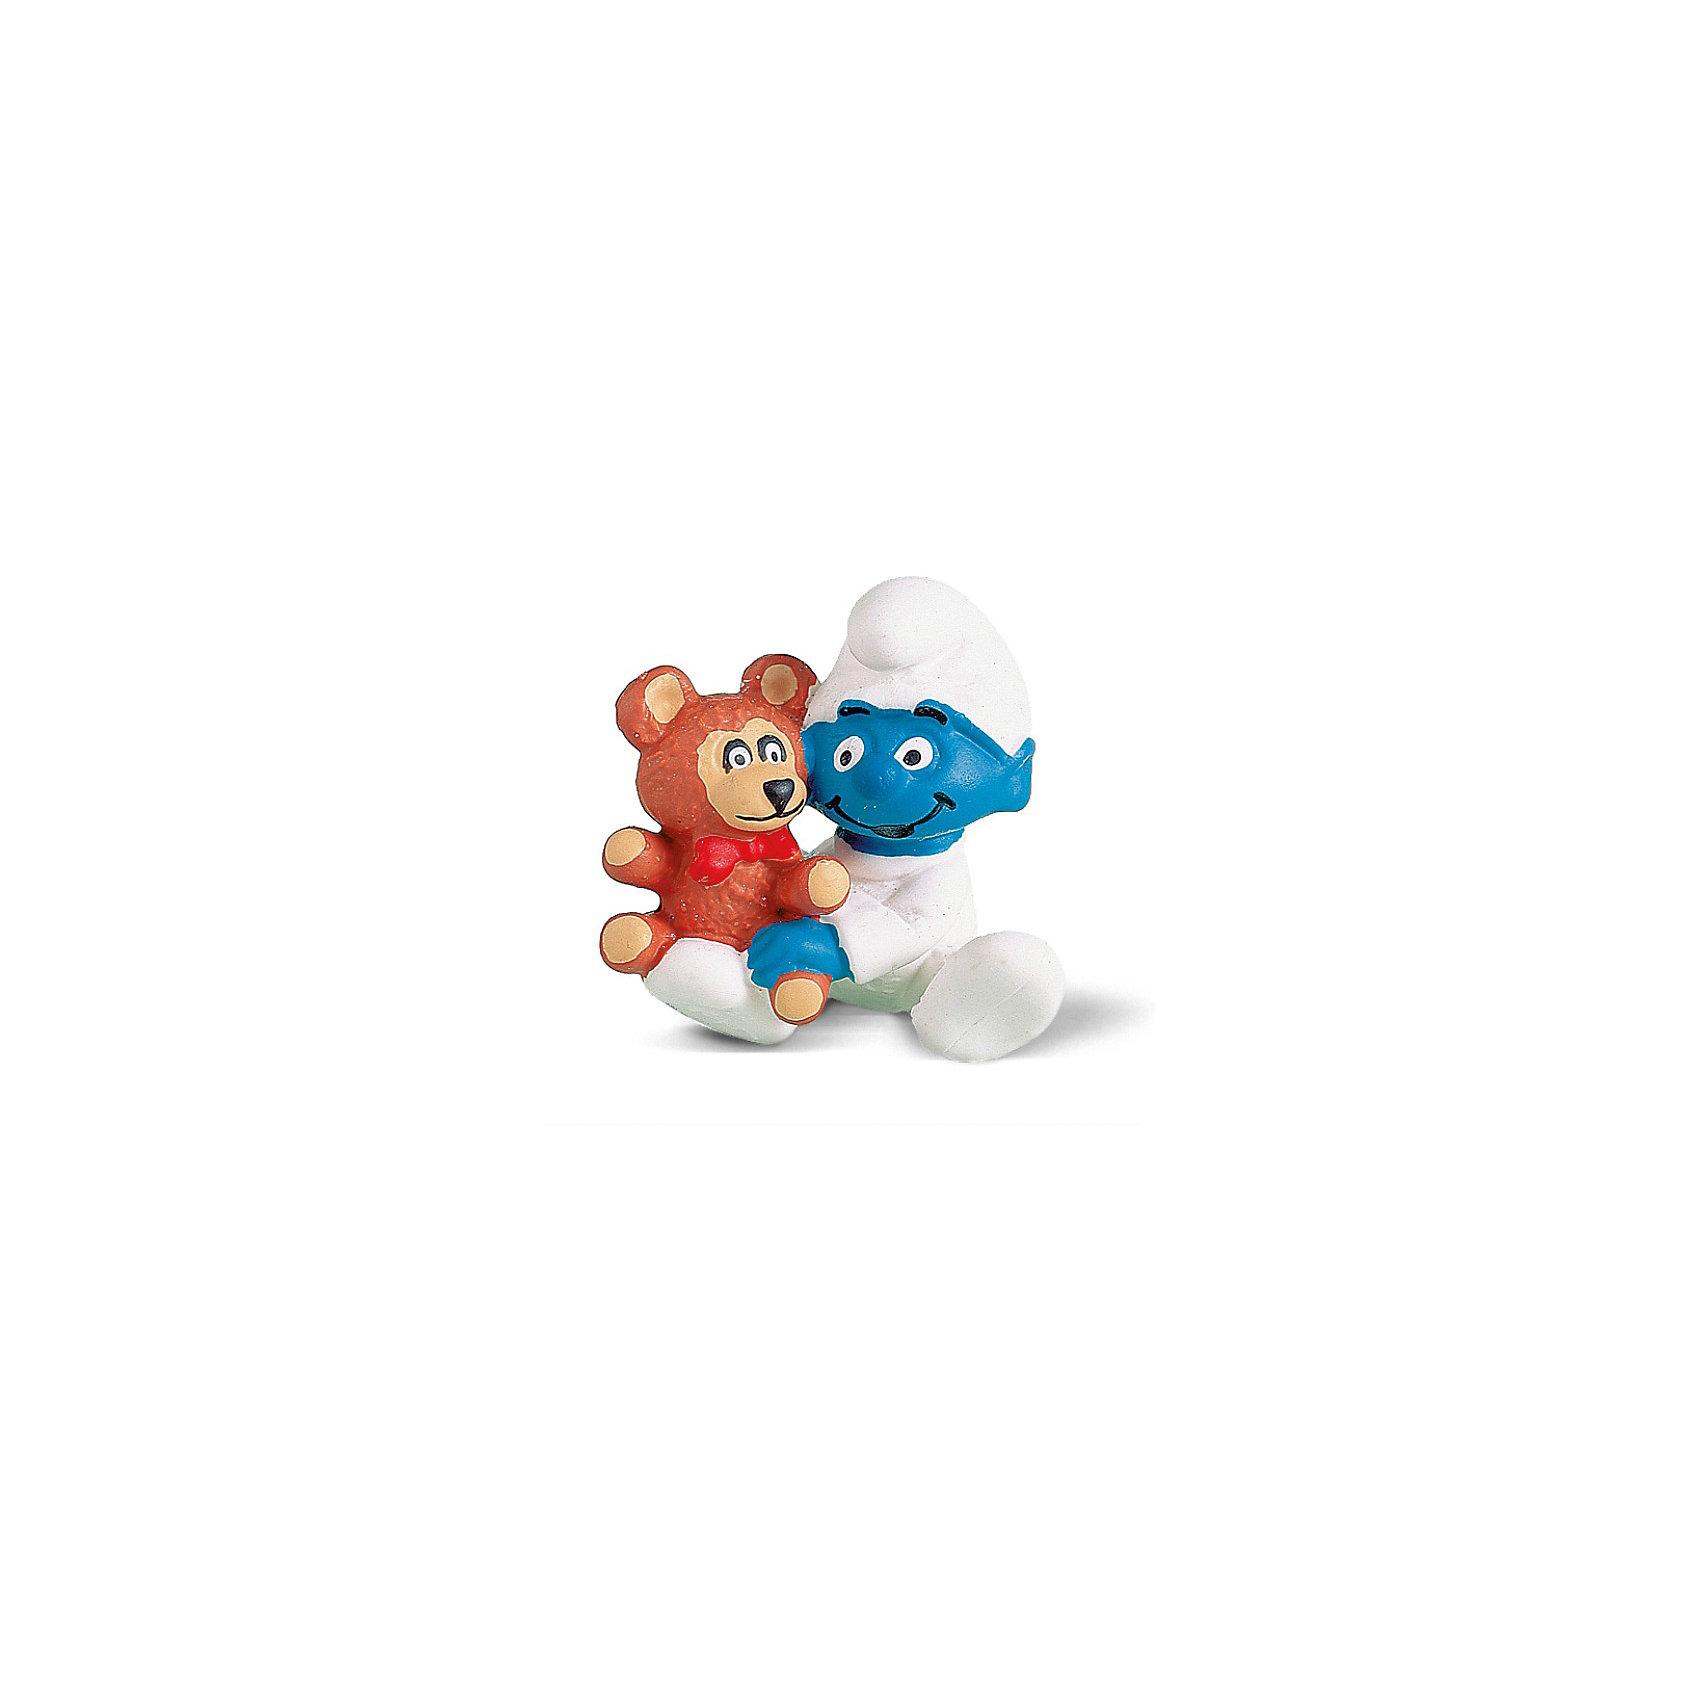 Фигурка Смурфики - Гномик с медвежонком, 3.8 см, SchleichСмурфики Игровые наборы и игрушки<br>Характеристики:<br><br>• материал: пластик каучуковый;<br>• серия: «Смурфики»;<br>• высота фигурки: 3,8 см;<br>• вес: 20 г;<br>• размеры: 3х4,1х4,1 см;<br>• особенности ухода: влажная чистка.<br><br>Гномик с медвежонком, Schleich (Шляйх) – эта фигурка смурфа, выполненная по мотивам популярного мультфильма «Смурфы в 3D». <br><br>Игрушка выполнена в миниатюрном размере. Полностью соответствует облику экранного героя малышу-смурфу. В руках малыш держит любимую игрушку – медвежонка.<br><br>Фигурки от Шляйх выполнены из экологически безопасного каучукового пластика, который устойчив к появлению царапин и сколов. Гномик раскрашен вручную, что обеспечивает высокую детализацию даже самых мелких деталей и элементов.<br><br>Гномика с медвежонком, Schleich, Schleich можно купить в нашем интернет-магазине.<br><br>Ширина мм: 73<br>Глубина мм: 53<br>Высота мм: 10<br>Вес г: 23<br>Возраст от месяцев: 36<br>Возраст до месяцев: 96<br>Пол: Унисекс<br>Возраст: Детский<br>SKU: 1599940